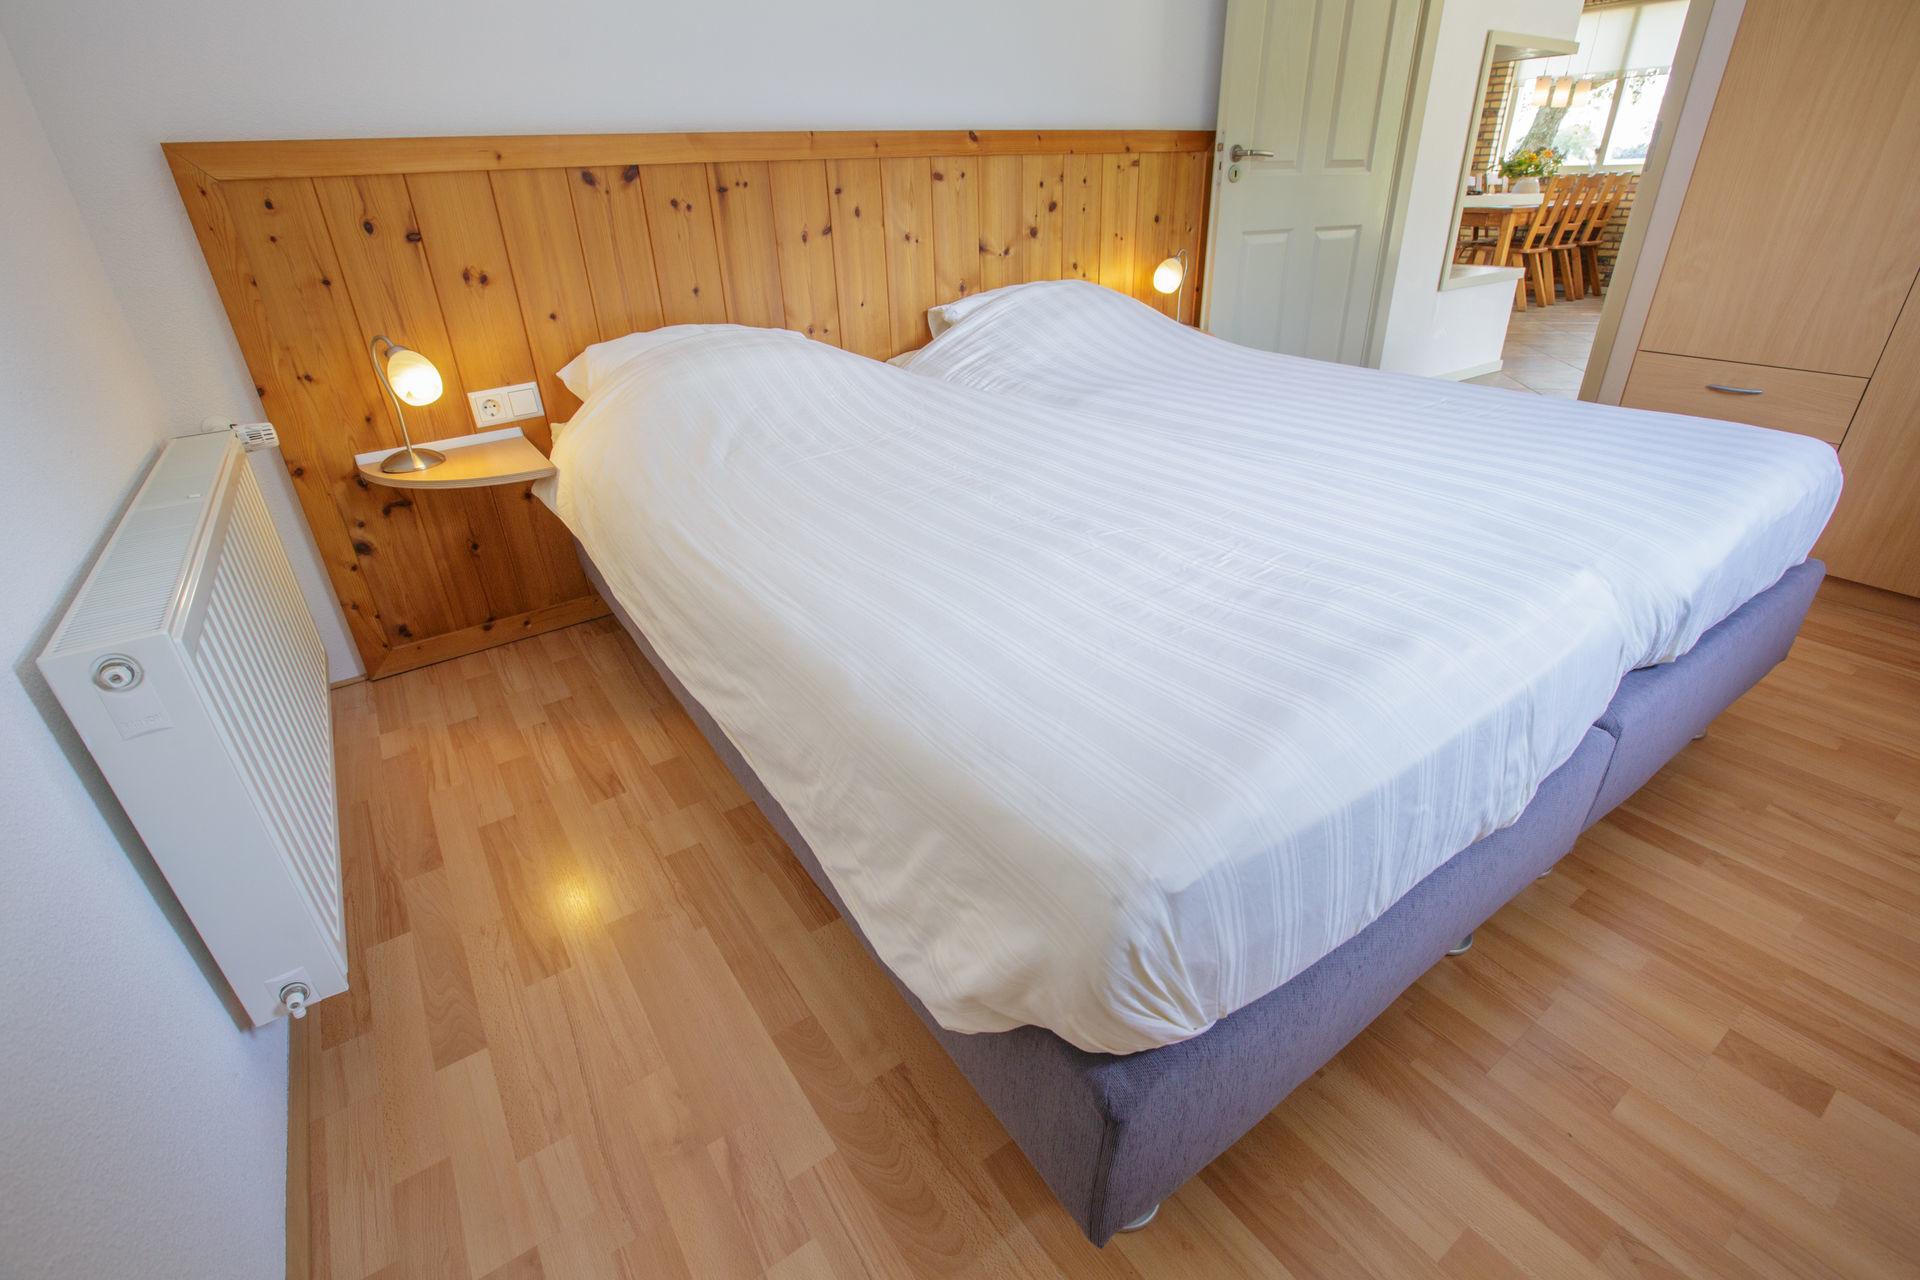 Jacuzzihuisje in Gelderland - Klaproos slaapkamer